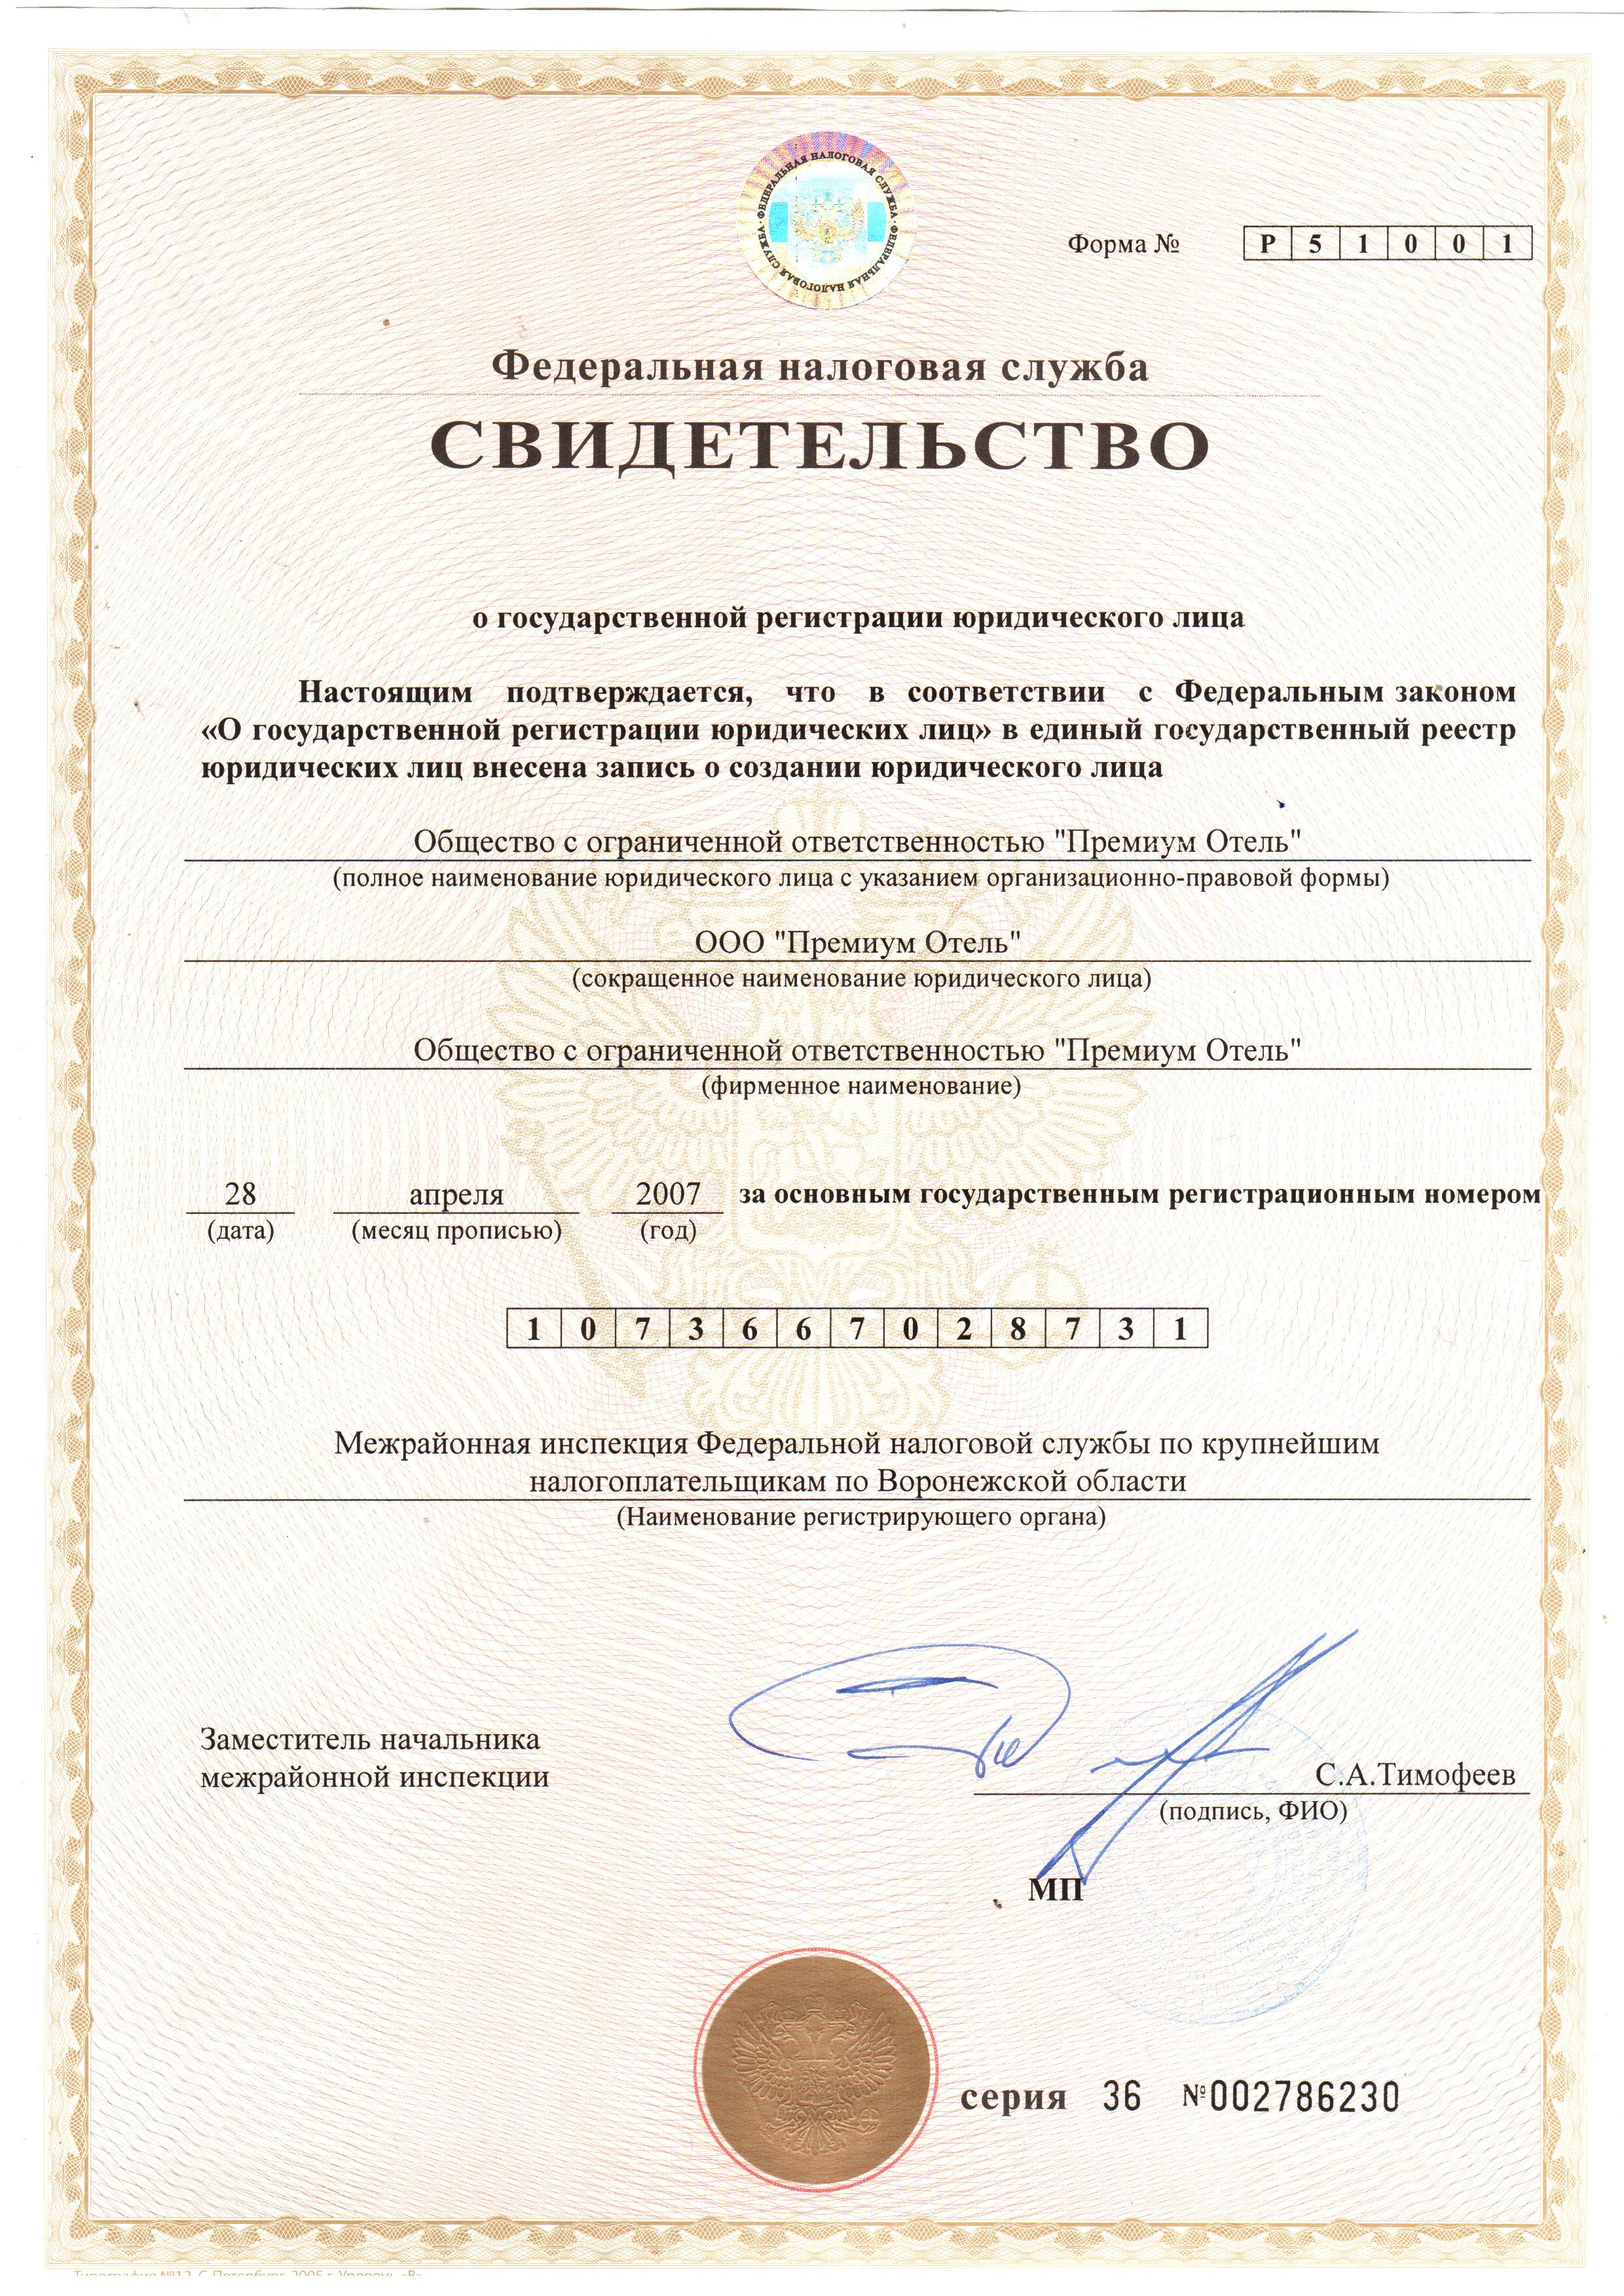 Св-во о гос-ой регистр. юр.лица (ОГРН)